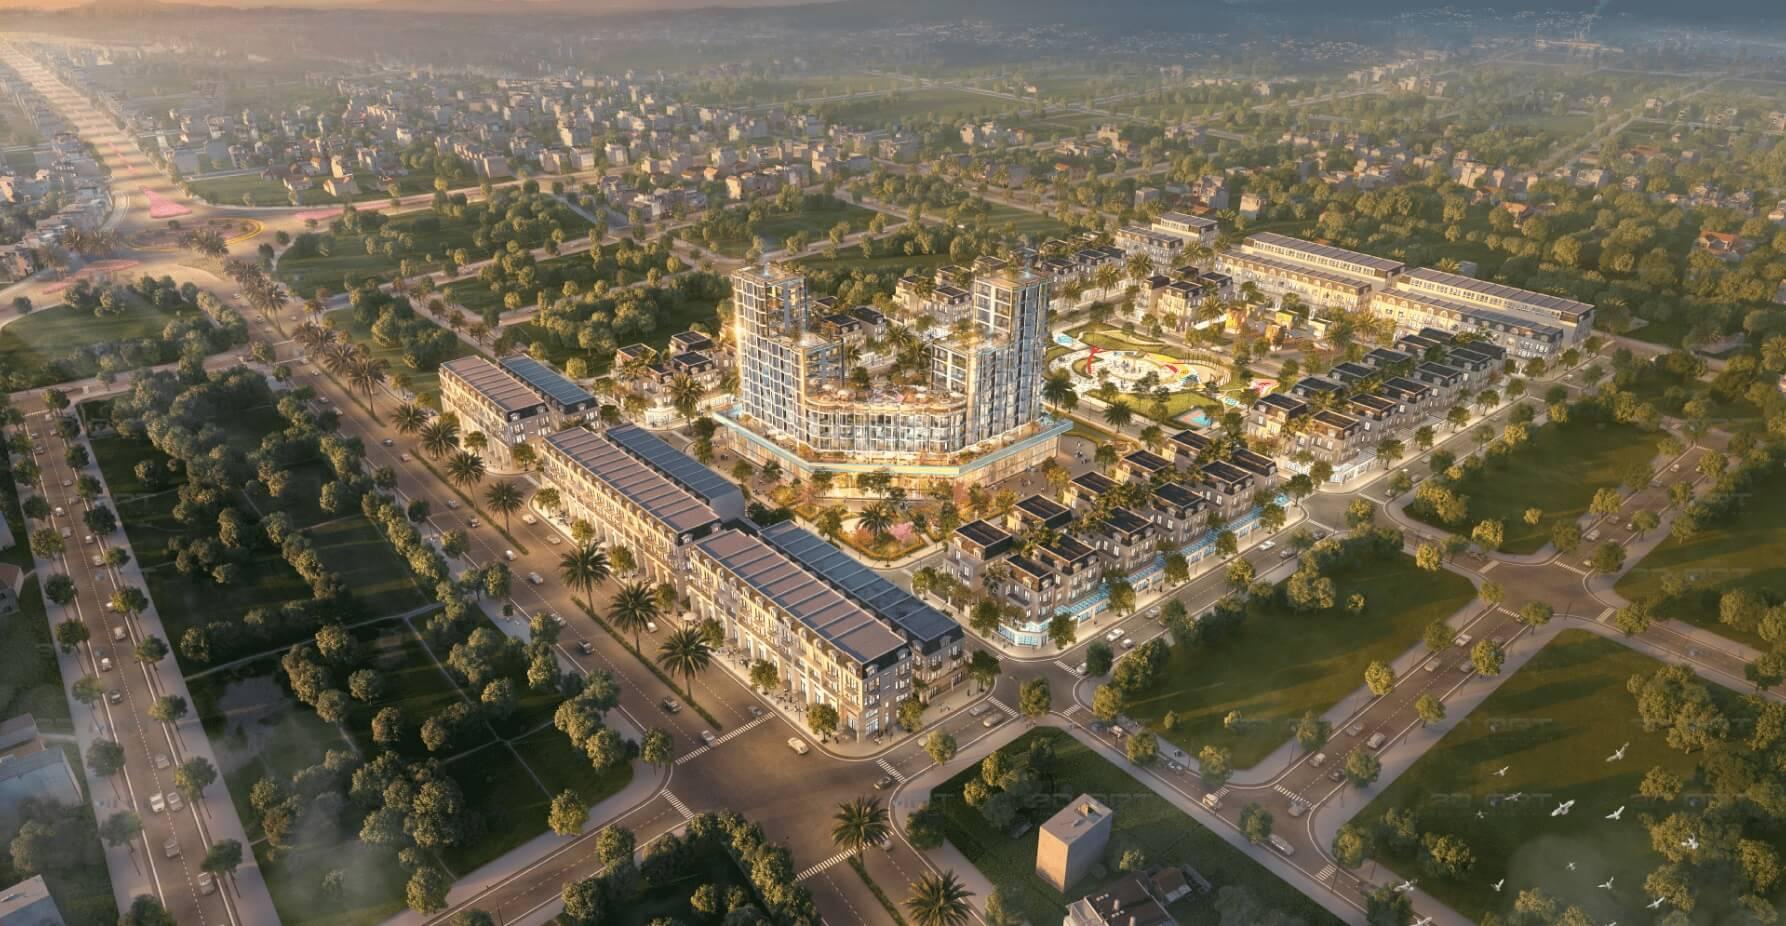 TNR Grand Palace Thái Bình - Bảng Giá, Thông Tin Dự Án 2021